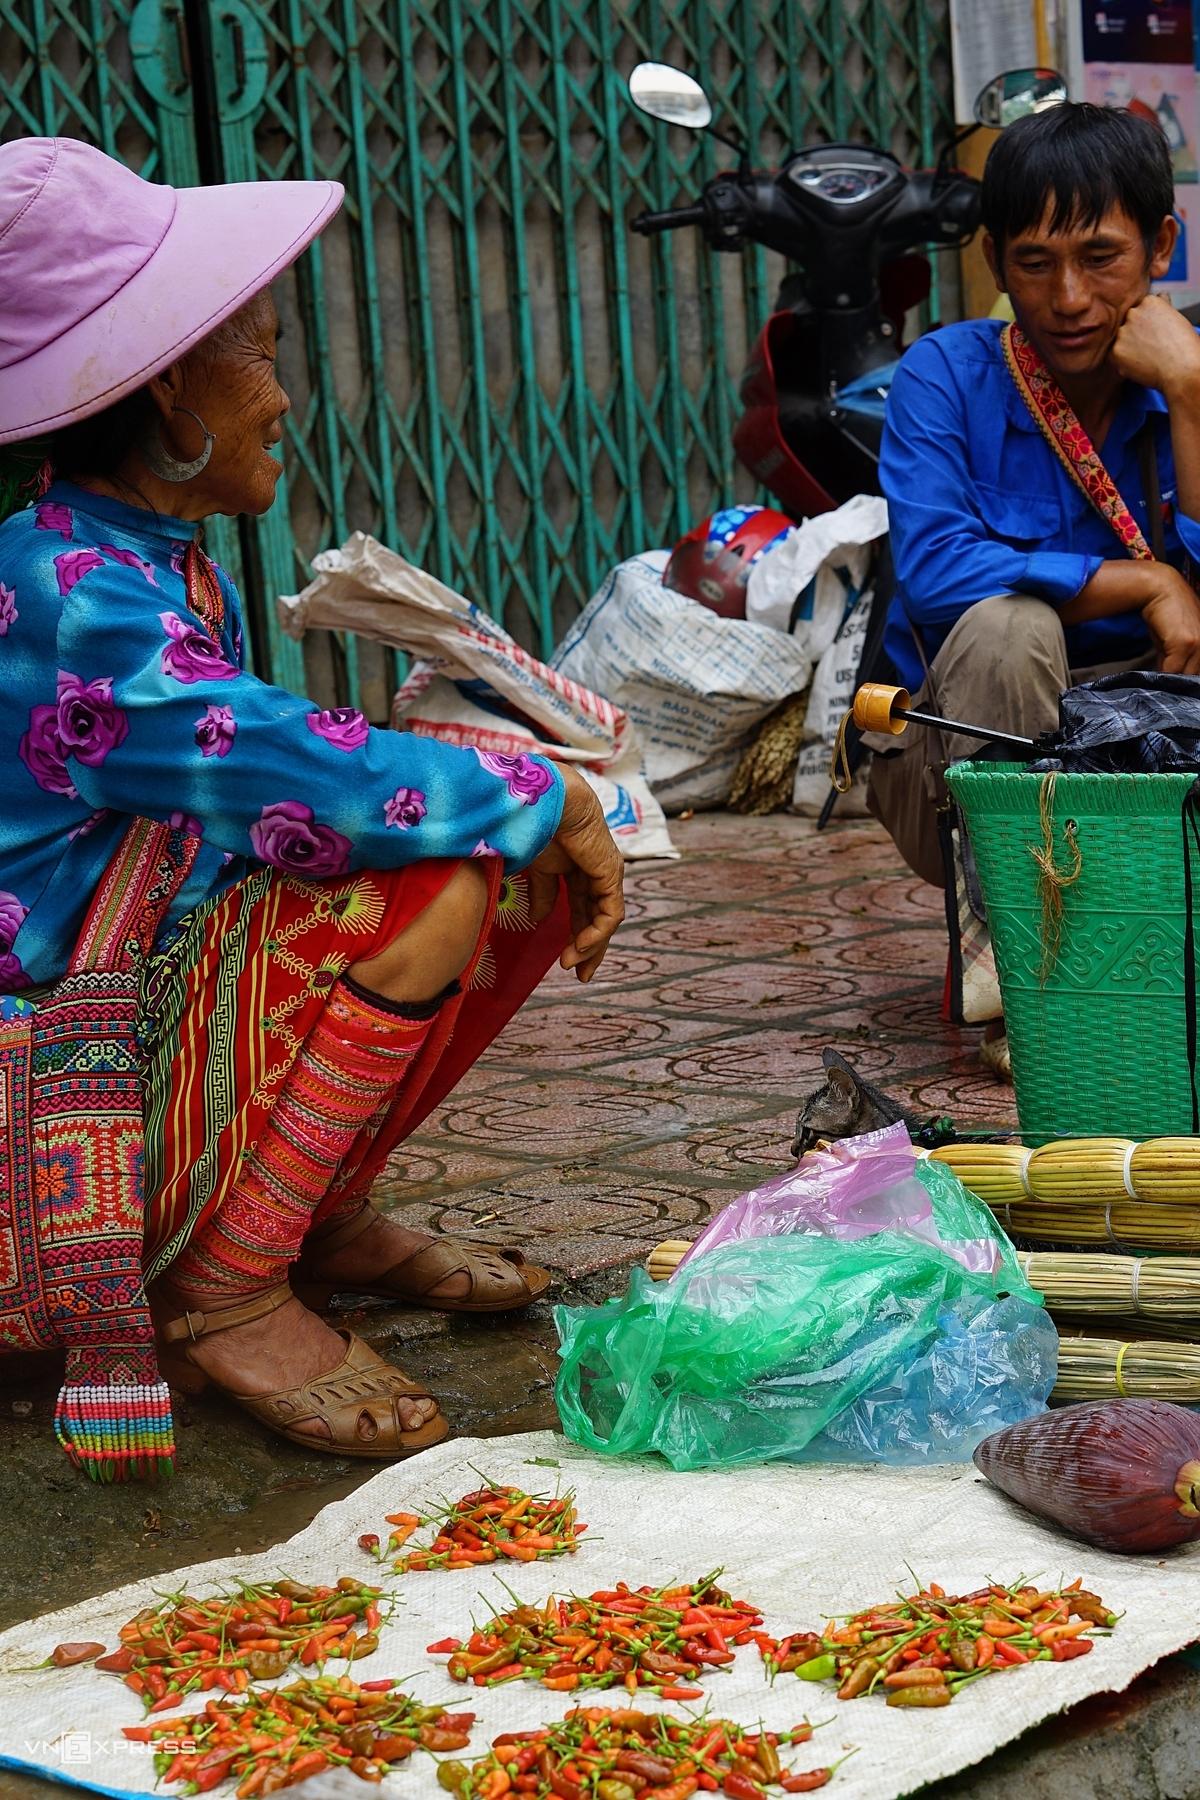 Ngày hôm sau theo hướng di chuyển đi thị trấn Cốc Pài khoảng gần 2 tiếng (36 km), bạn sẽ có cơ hội được trải nghiệm chợ phiên Cốc Pài (hay còn gọi là chợ Xín Mần) được họp vào chủ nhật hàng tuần. Chợ phiên Cốc Pài là một trong những chợ phiên lớn, đặc sắc, là nơi hội họp, trao đổi của các dân tộc Mông, Nùng, La Chí tạo nên màu sắc đặc trưng của một phiên chợ vùng cao. Ảnh: Tạ Thanh Quang